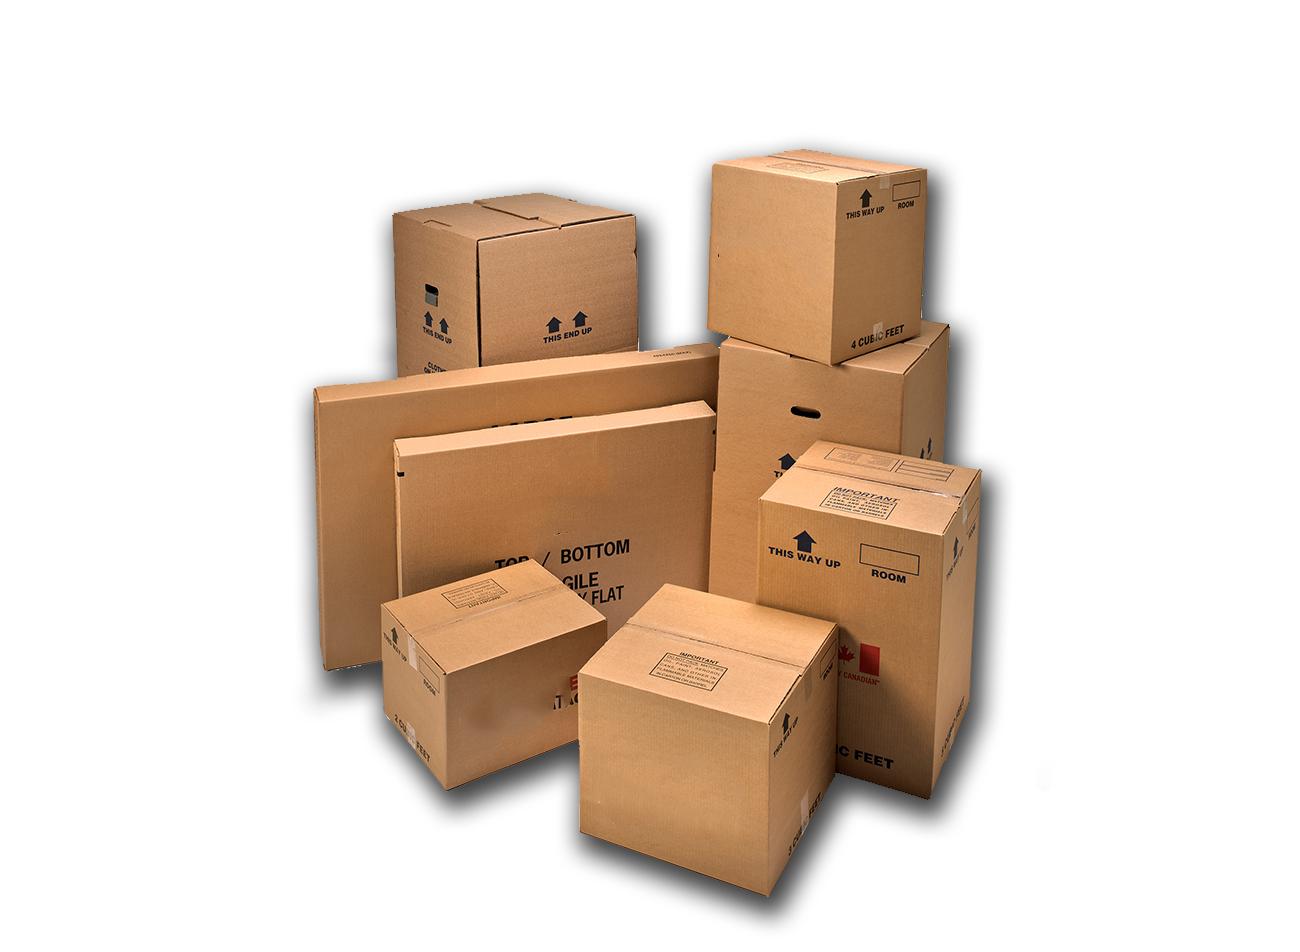 Consegna del pacco a un altro indirizzo: il pacco viene consegnato a un altro indirizzo qualora non siate a casa. Consegna del pacco in un'altra data: il pacco viene consegnato in un giorno diverso. In alternativa, è possibile scegliere che sia effettuato un altro tentativo di consegna, fino a un massimo di tre tentativi.